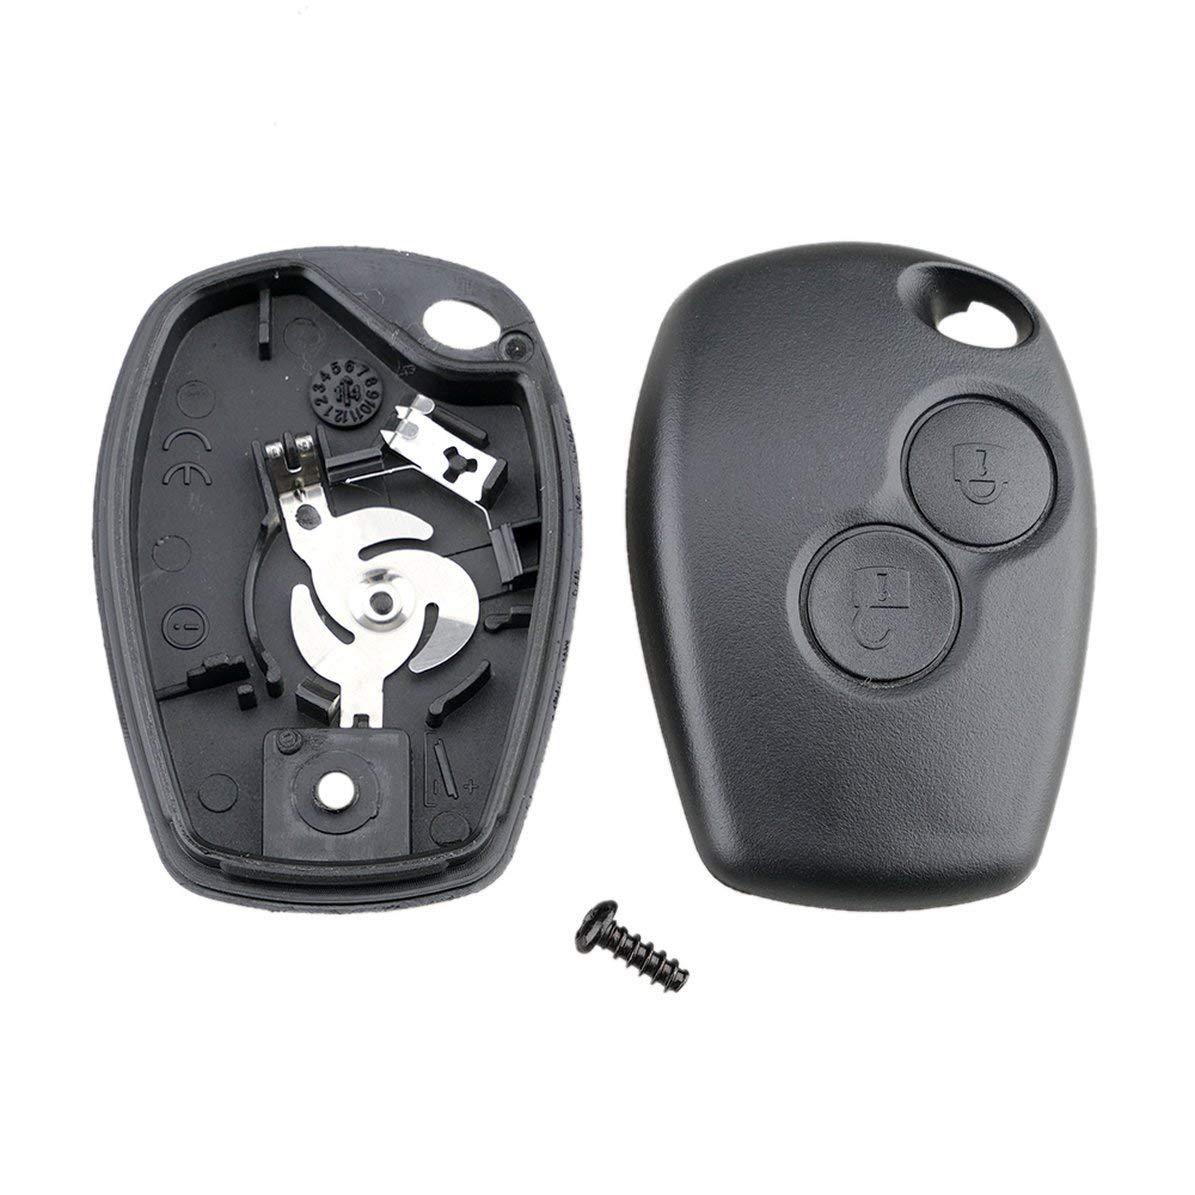 2 tasti caso chiave della copertura della cassa del fob dellautomobile di telecomando Fob vuoto per Renault Dacia Modus Clio 3 Twingo Kangoo 2 nessun logo